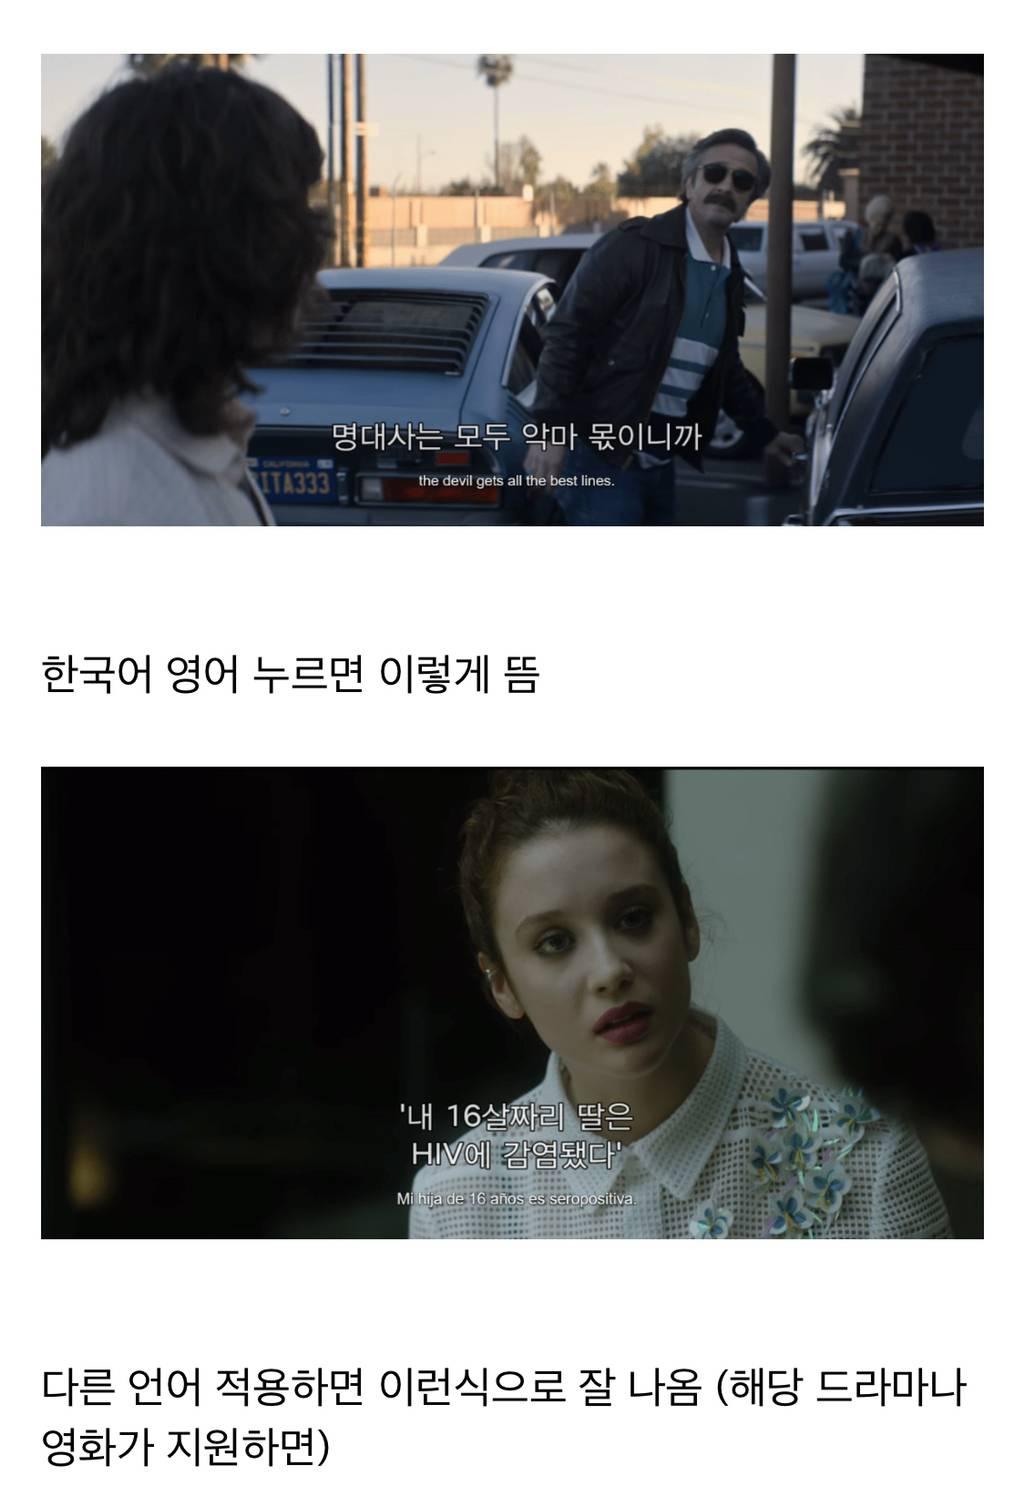 넷플릭스 자막 두 개 동시에 보는 법.jpg (한국어-외국어) | 인스티즈